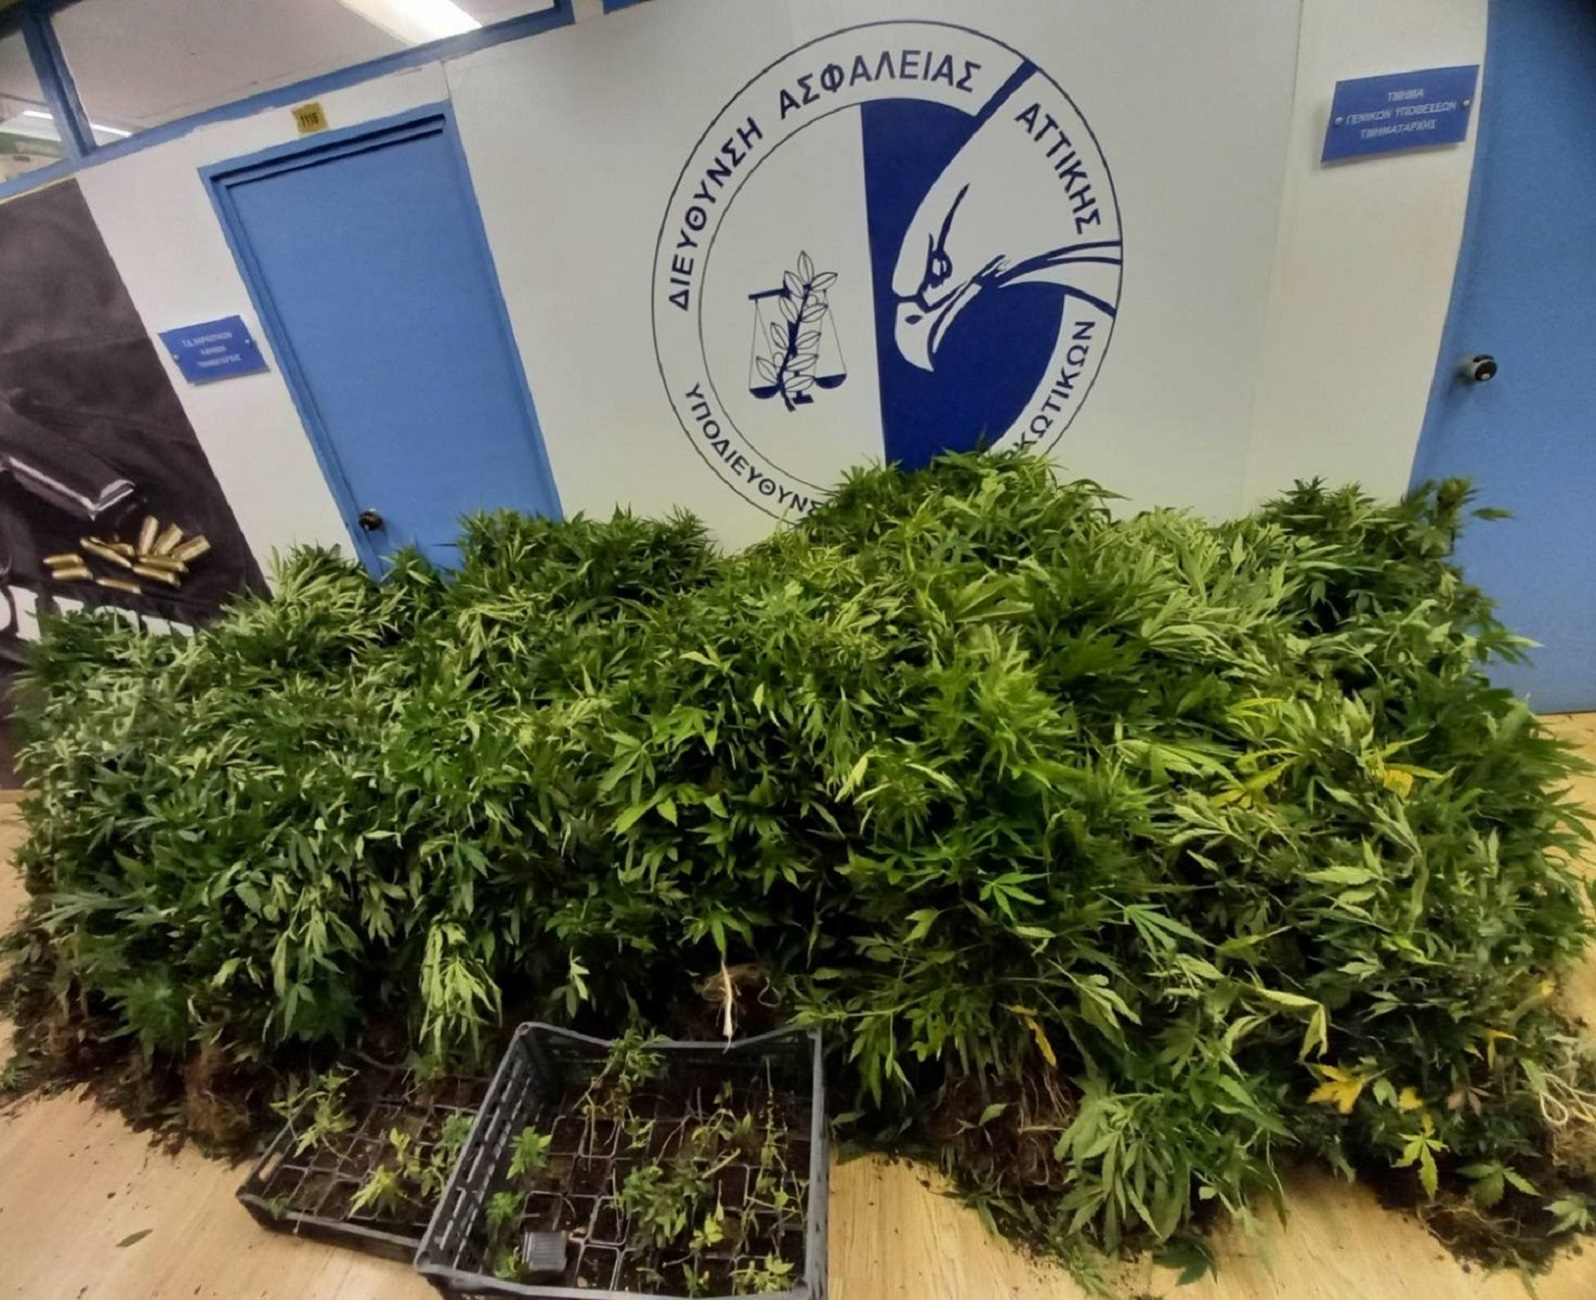 Φυτεία με 1600 δενδρύλλια κάνναβης στον Κάλαμο – 4 συλλήψεις